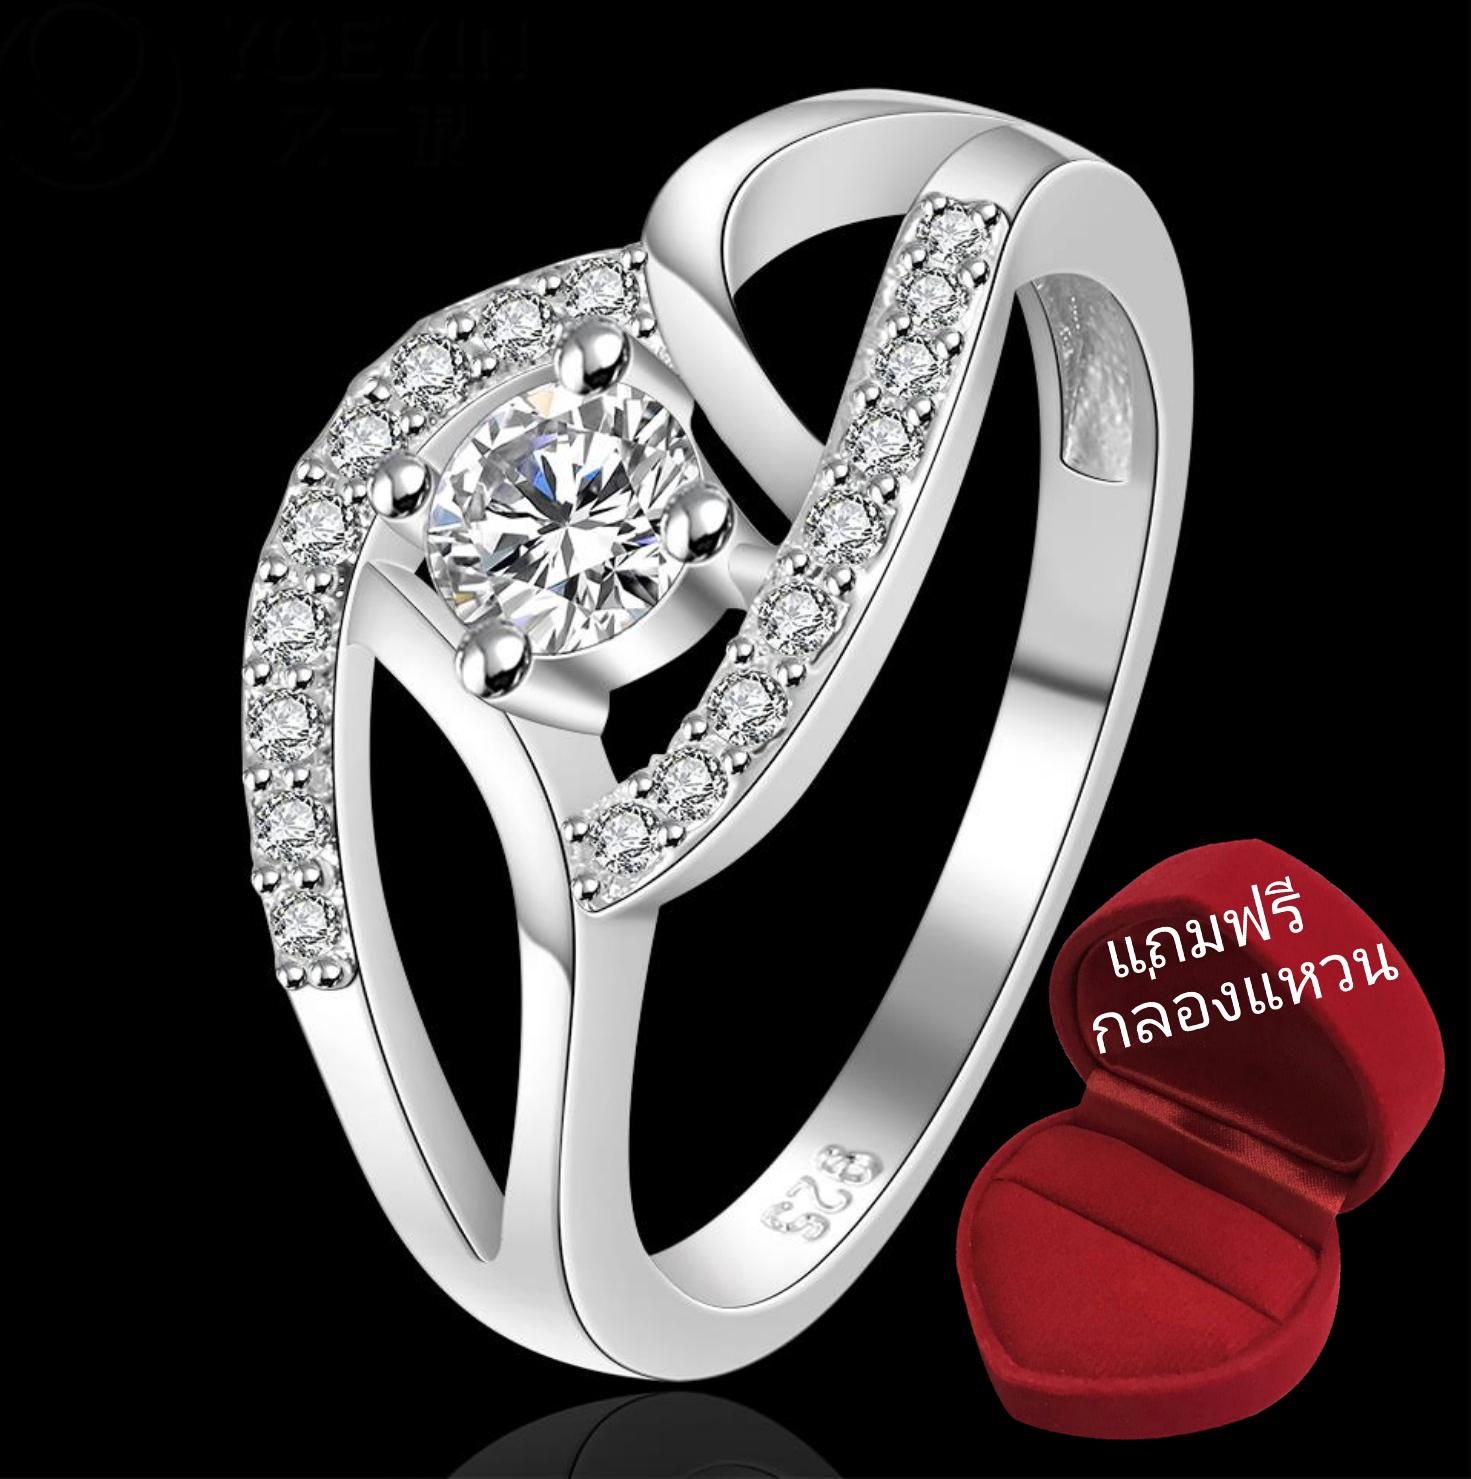 ฟรีกล่องแหวน R911 แแหวนเพชรCZ ตัวเรือนเคลือบเงิน 925 หัวแหวนเพชรล้อม ขนาดแหวนเบอร์ 7